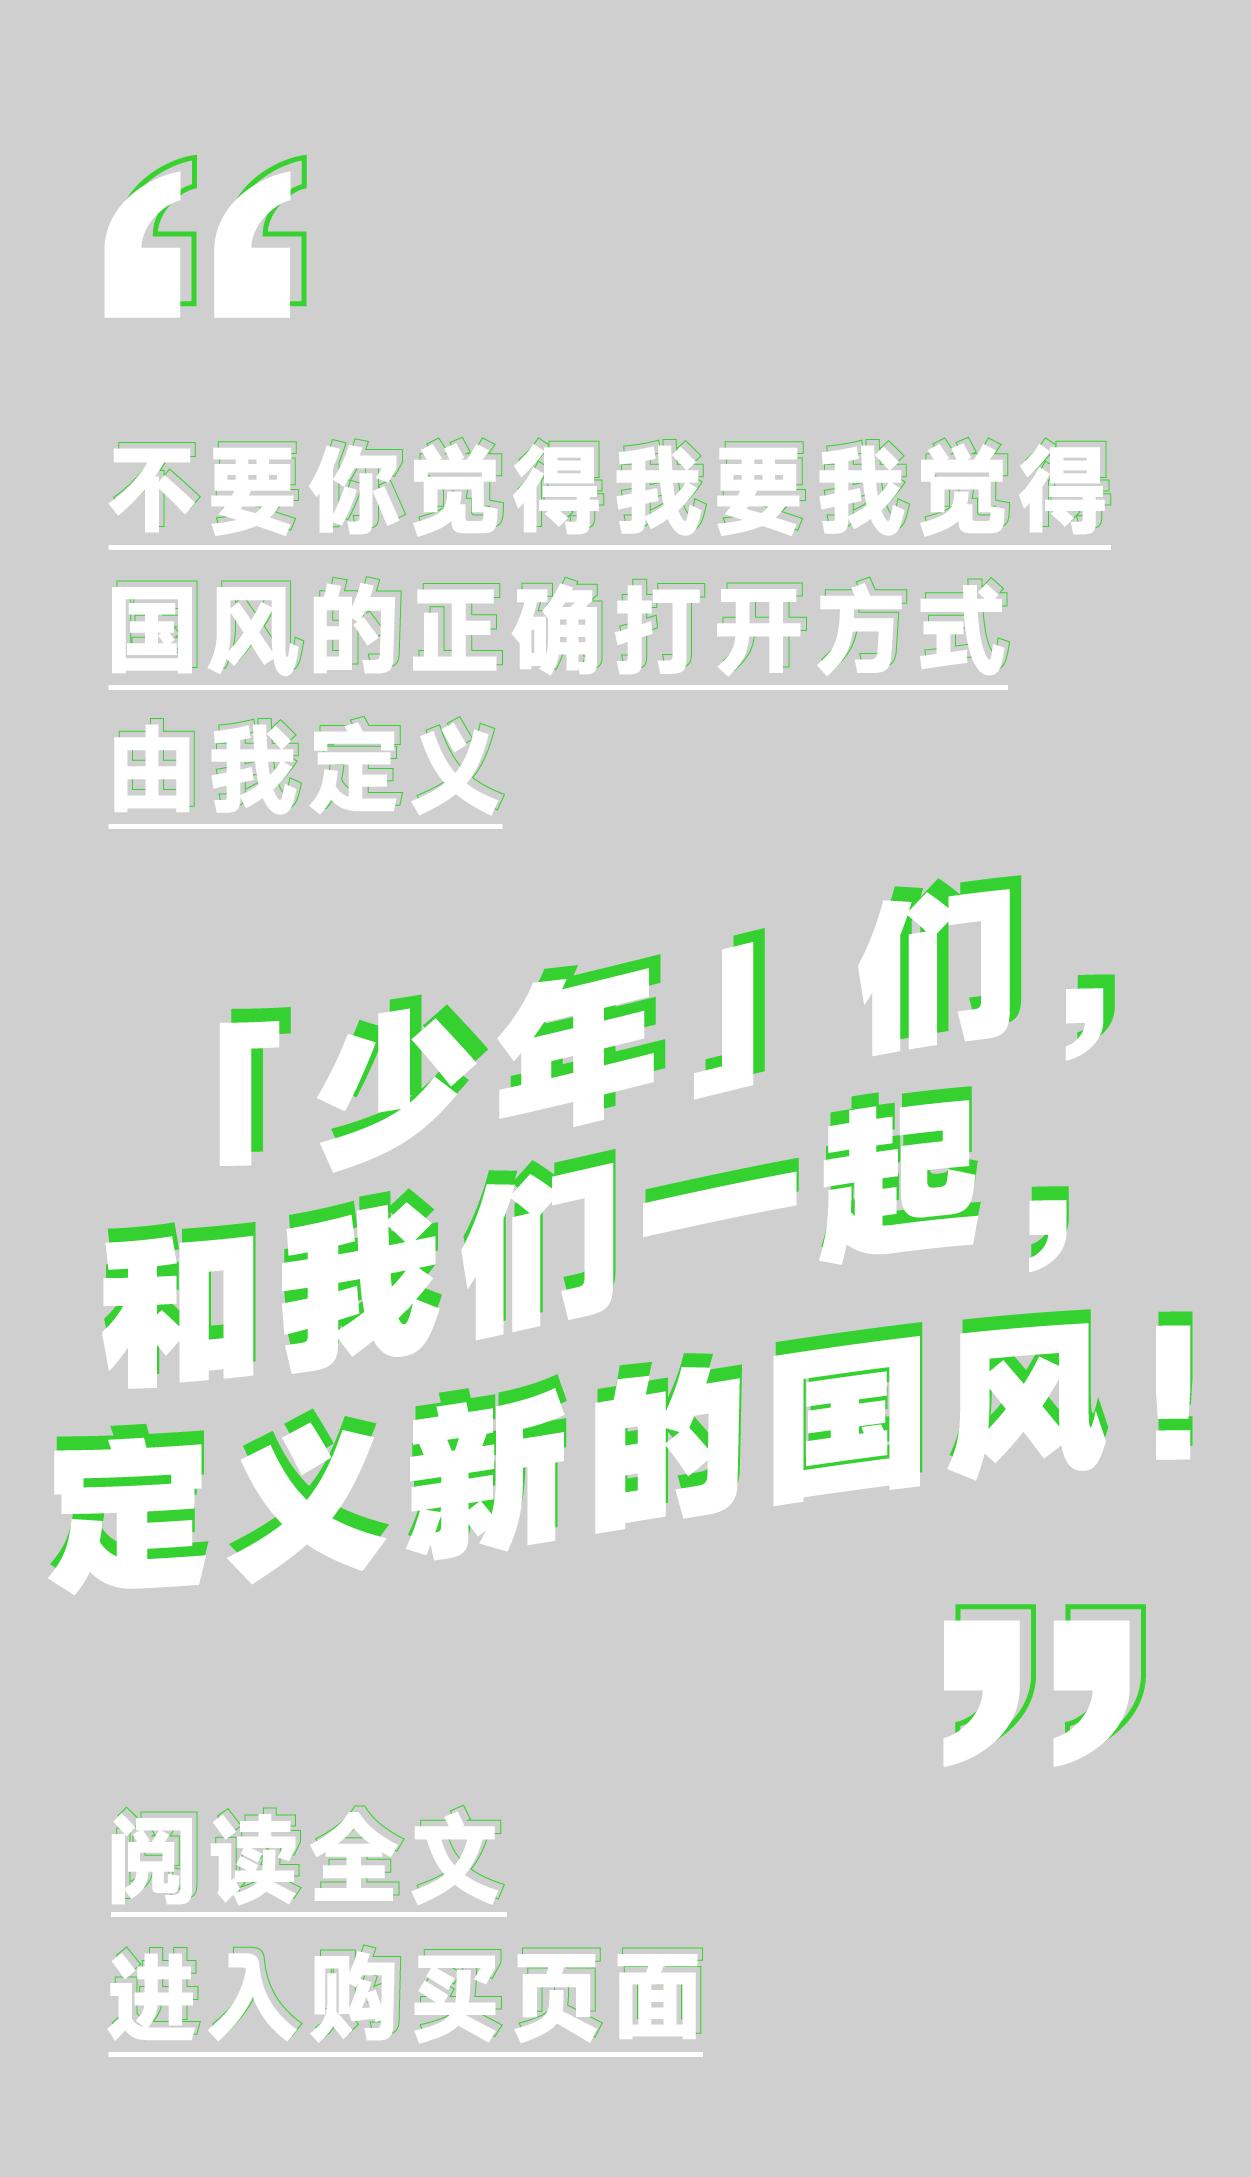 国风少年·李宁篮球_画板 1 副本 28.png